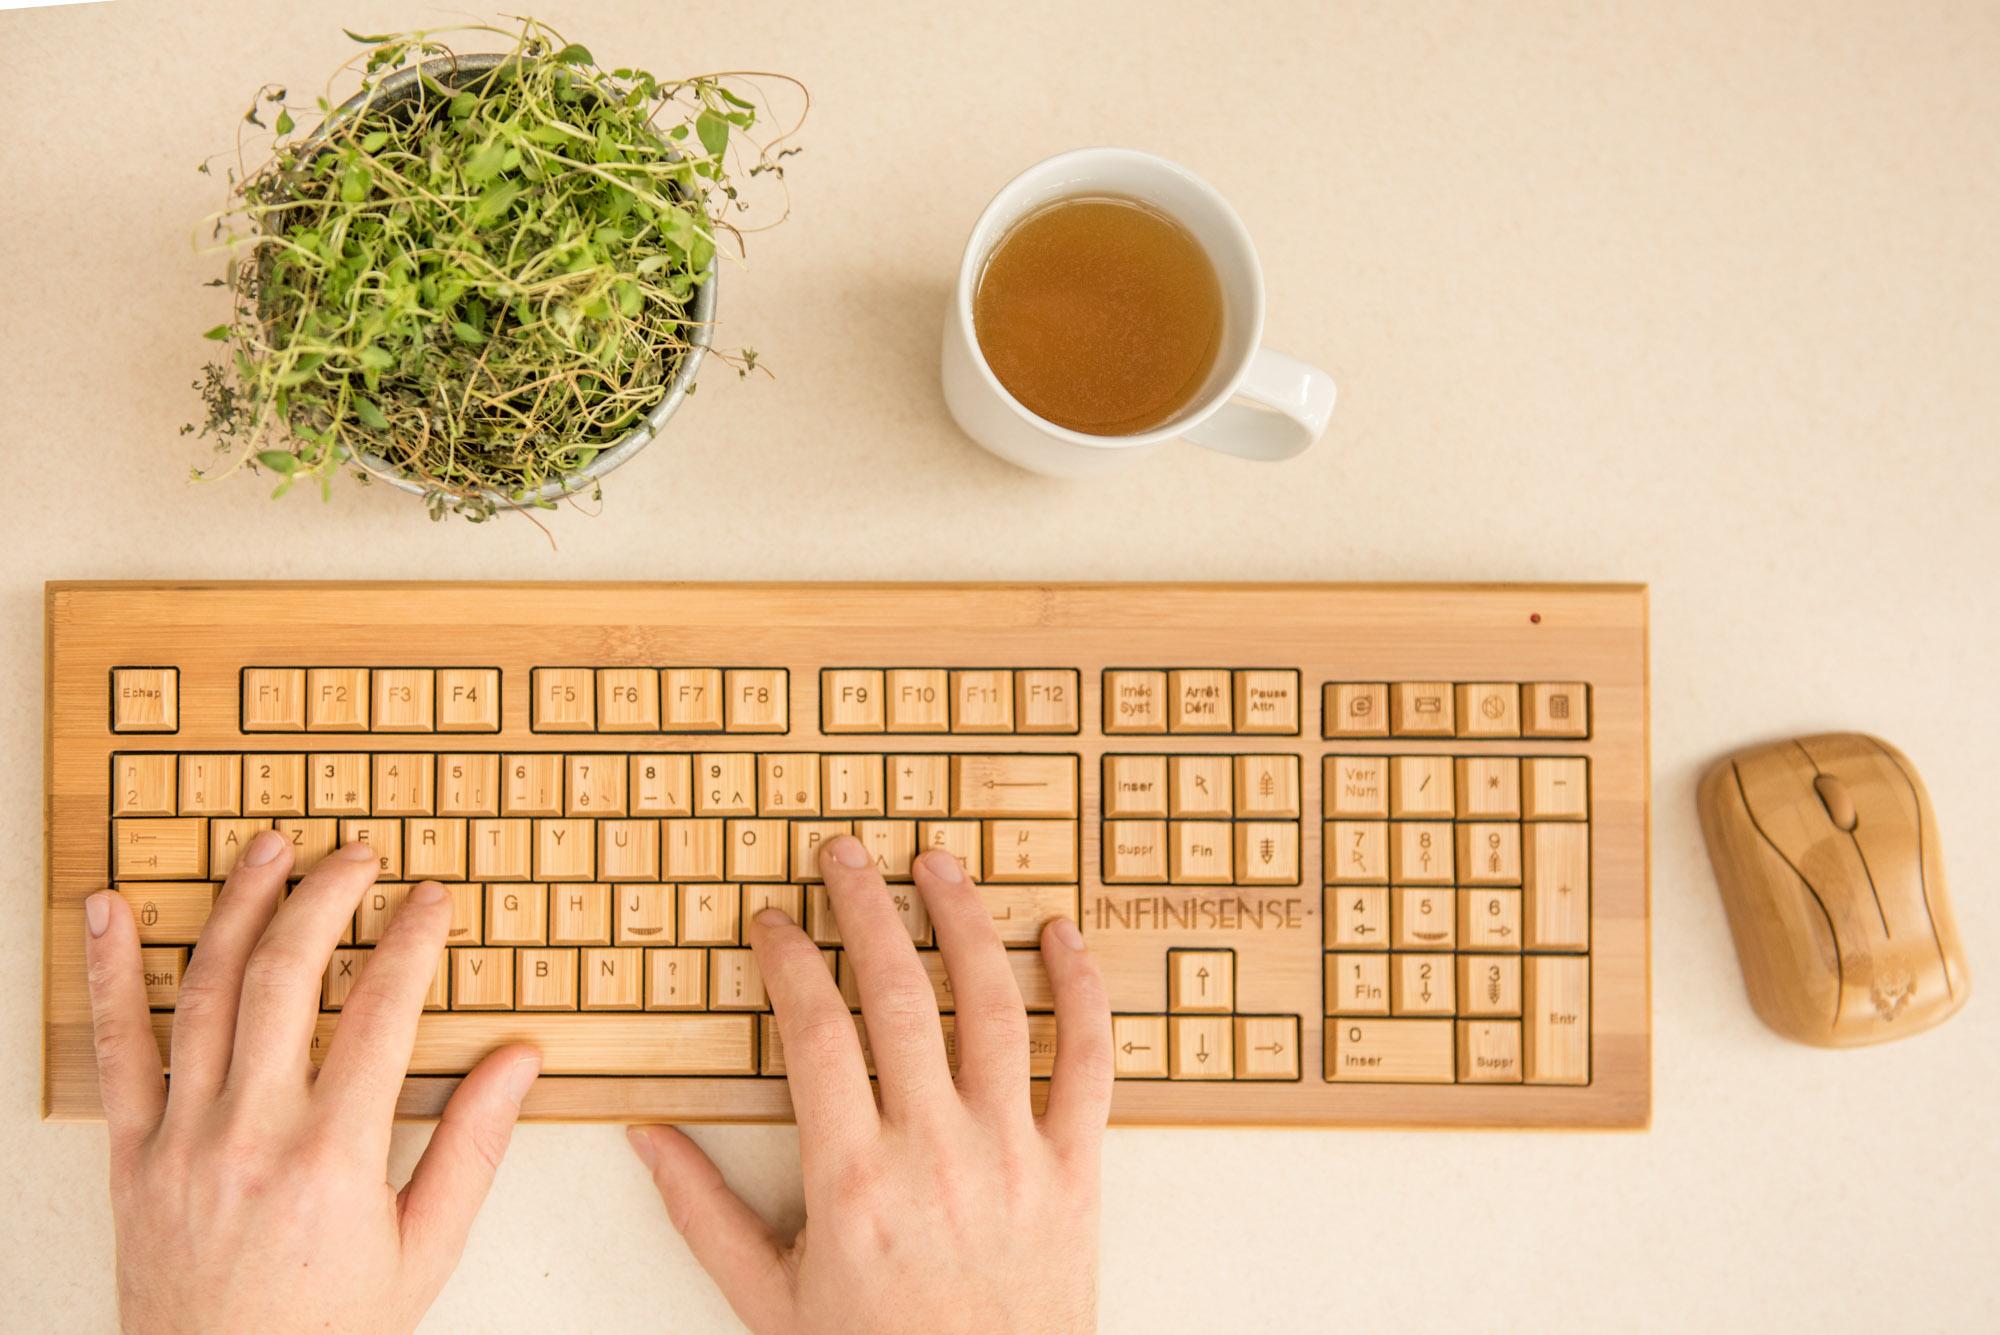 9 bonnes raisons d'opter pour un clavier en bois